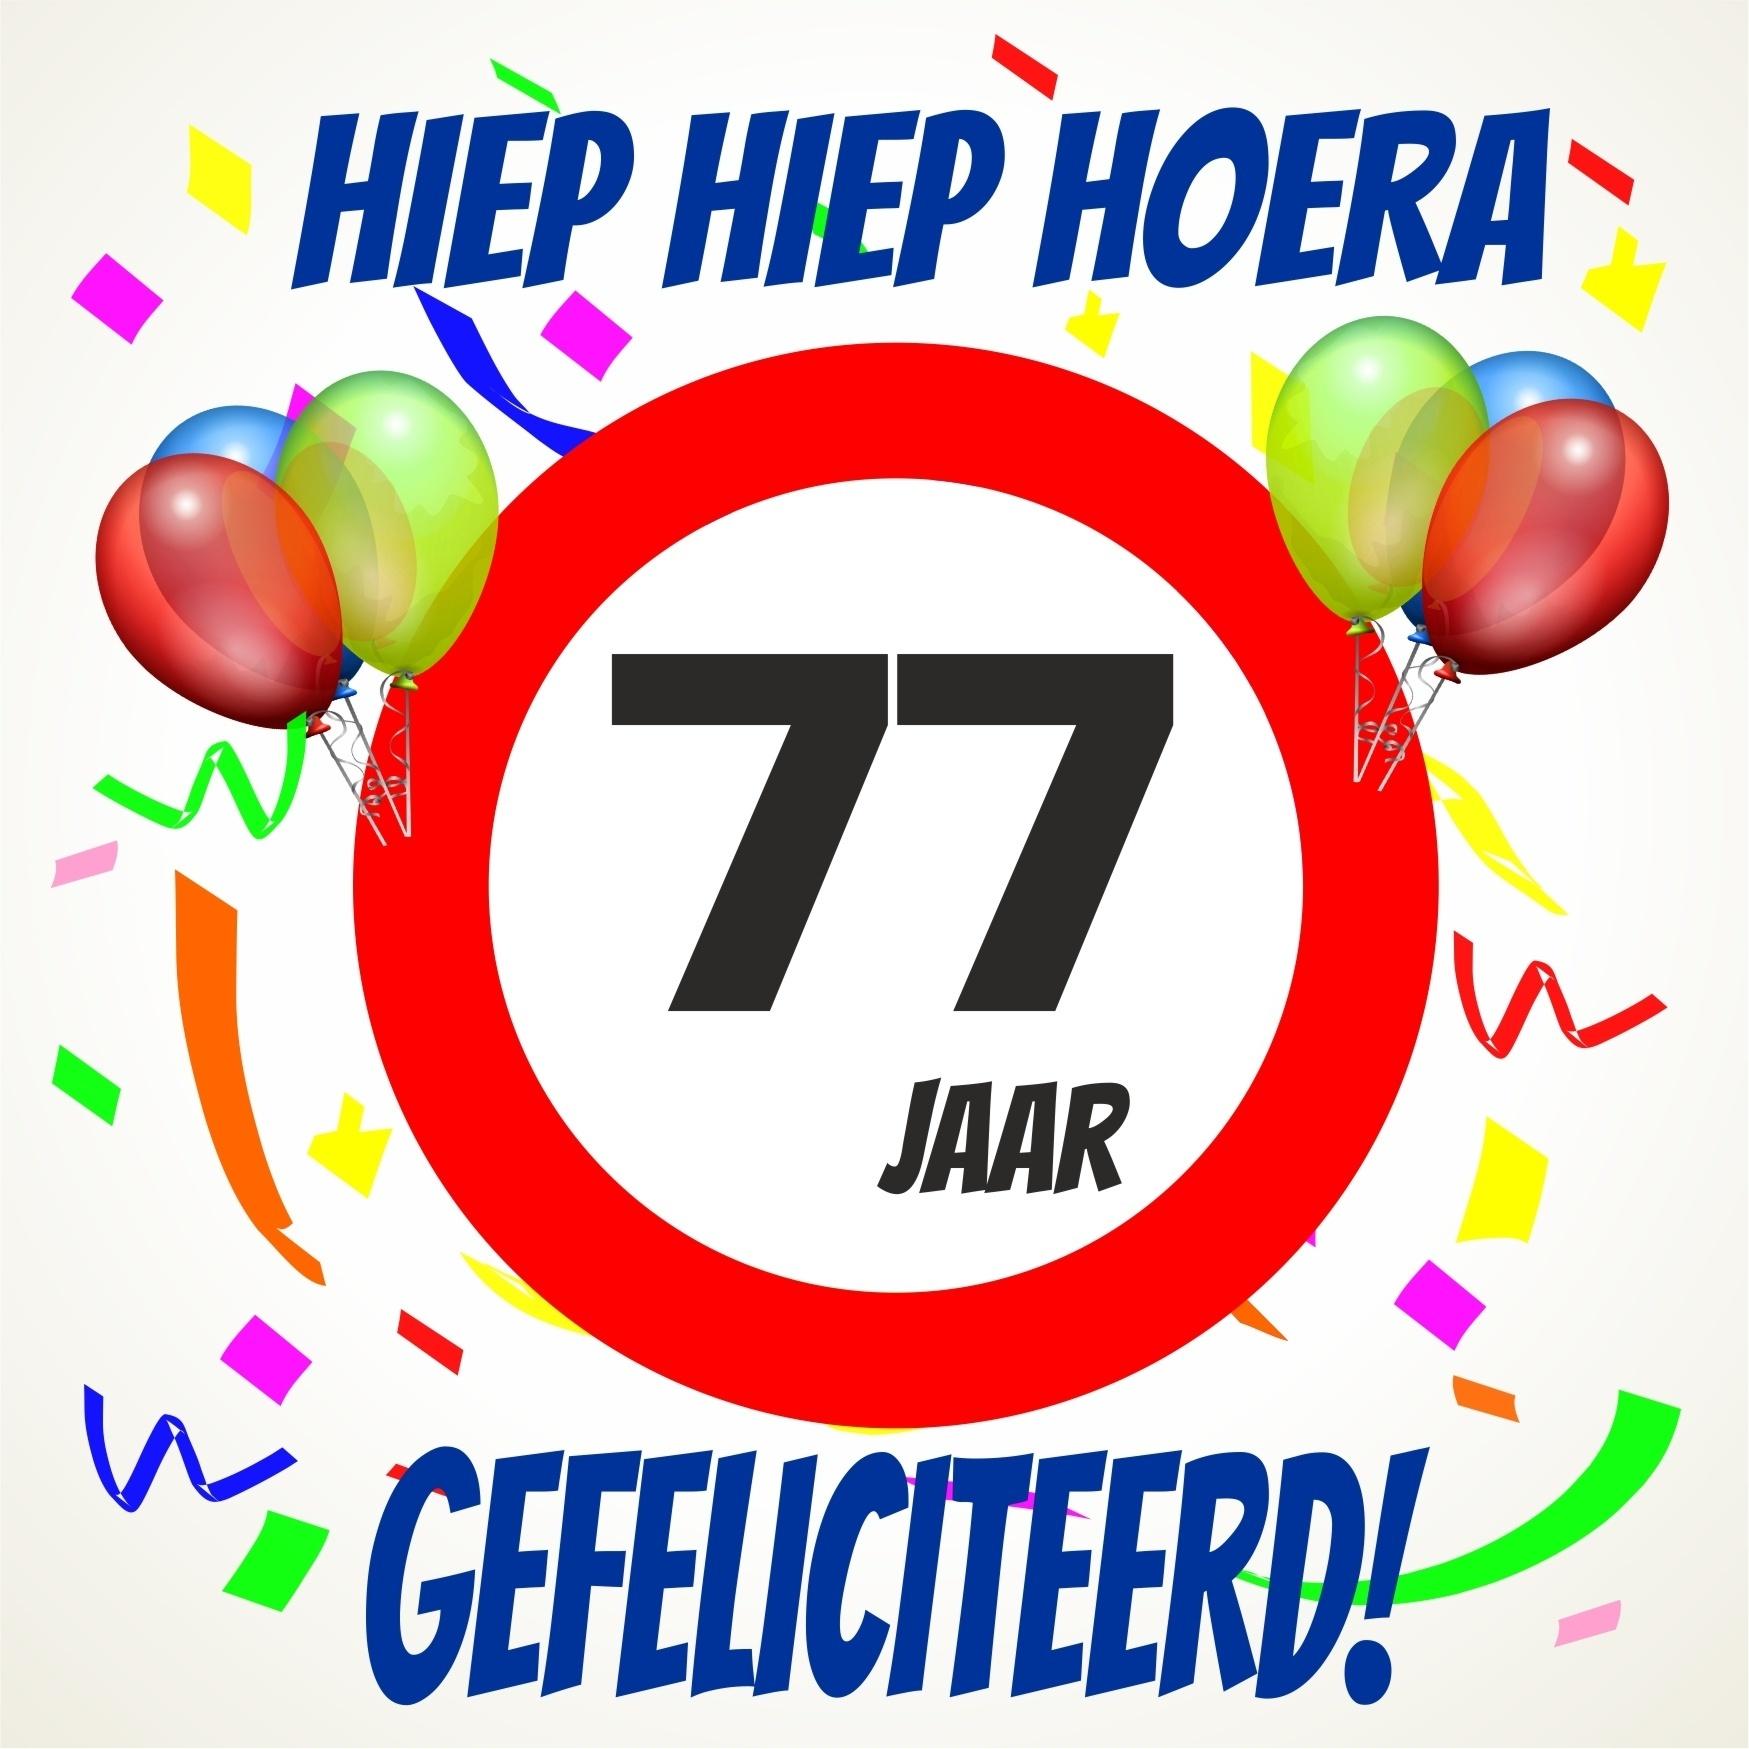 77 jaar Verjaardags tegeltje 77 jaar voordelig bij  77 jaar